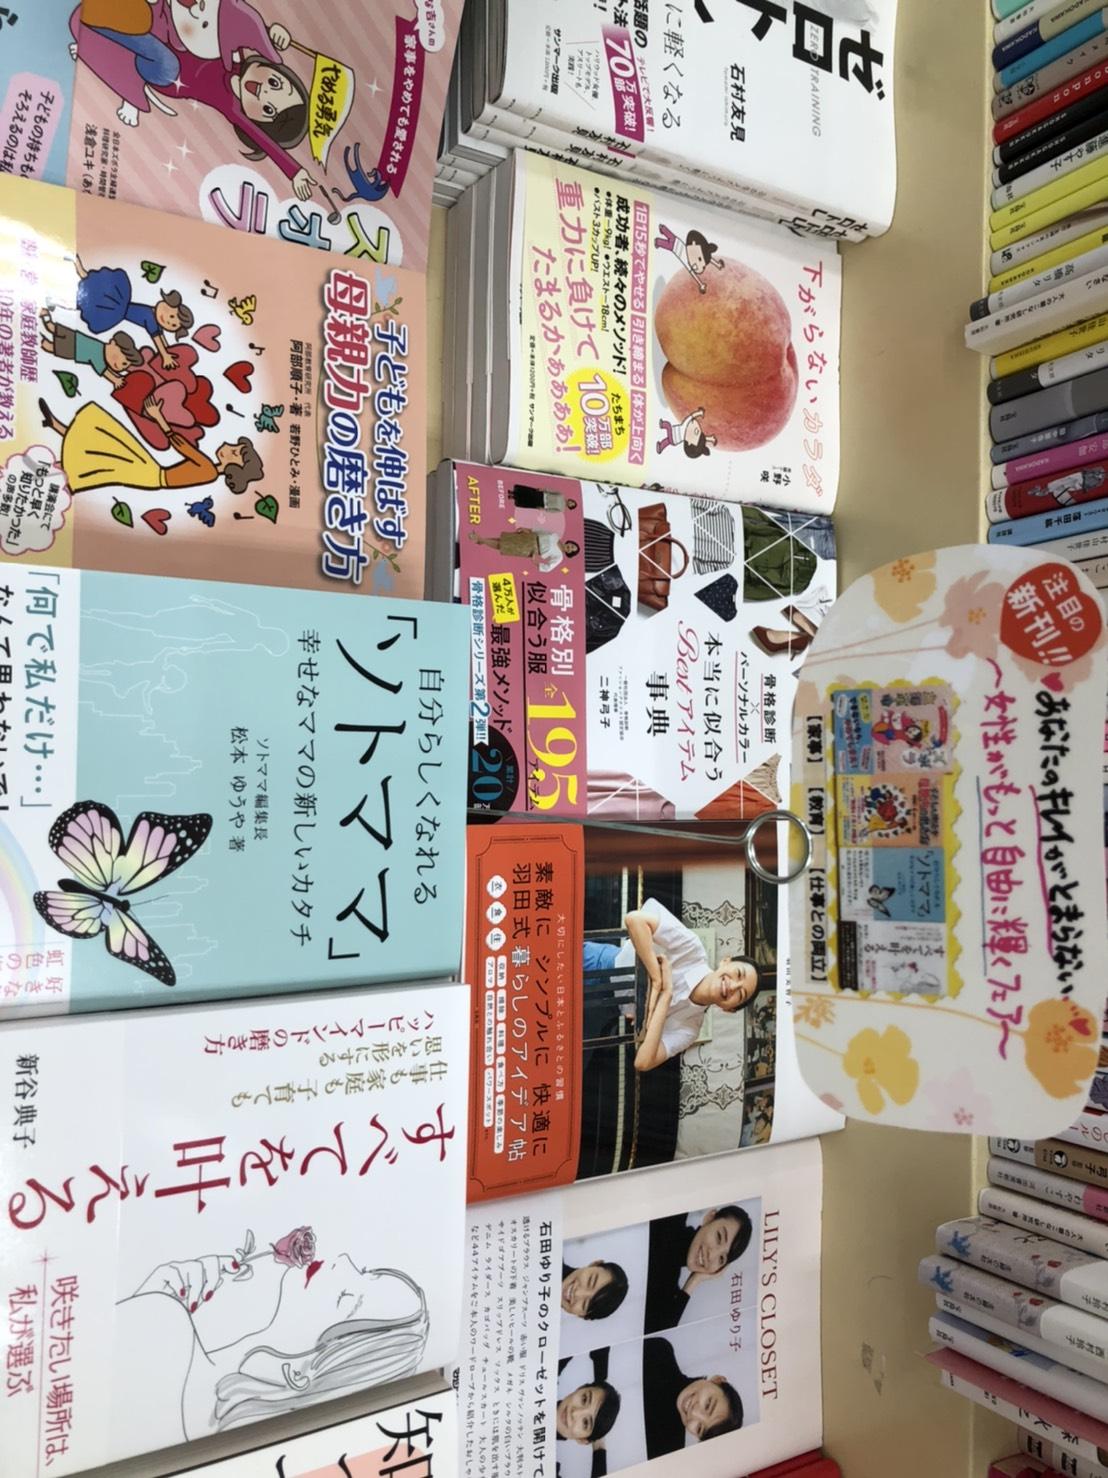 新刊『自分らしくなれる「ソトママ」幸せなママの新しいカタチ』を発売しました!の画像2